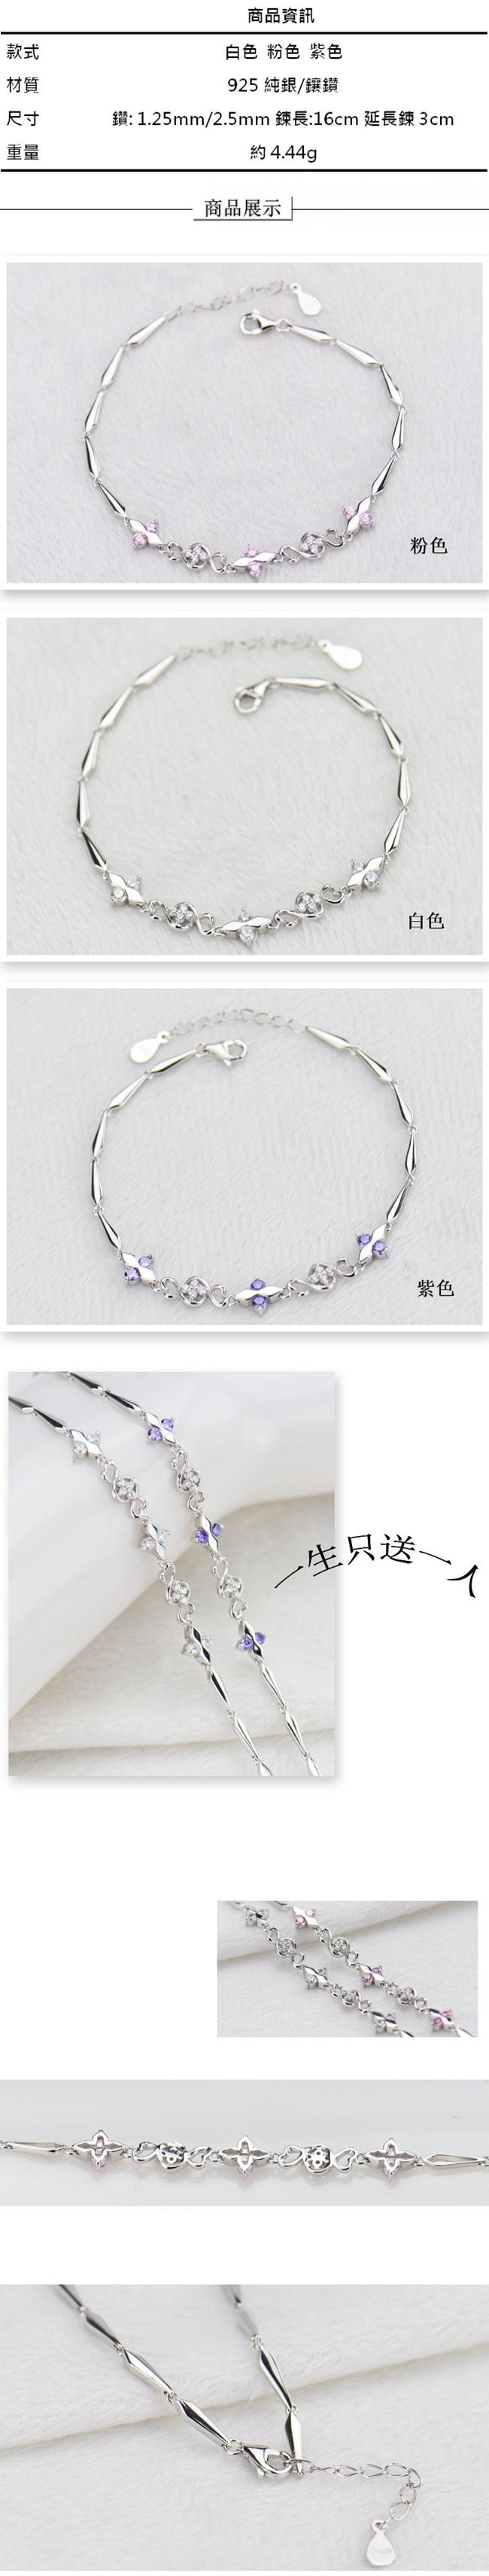 925純銀手鍊 鑲鑽手環-聖誕節生日情人節母親節禮物女飾品